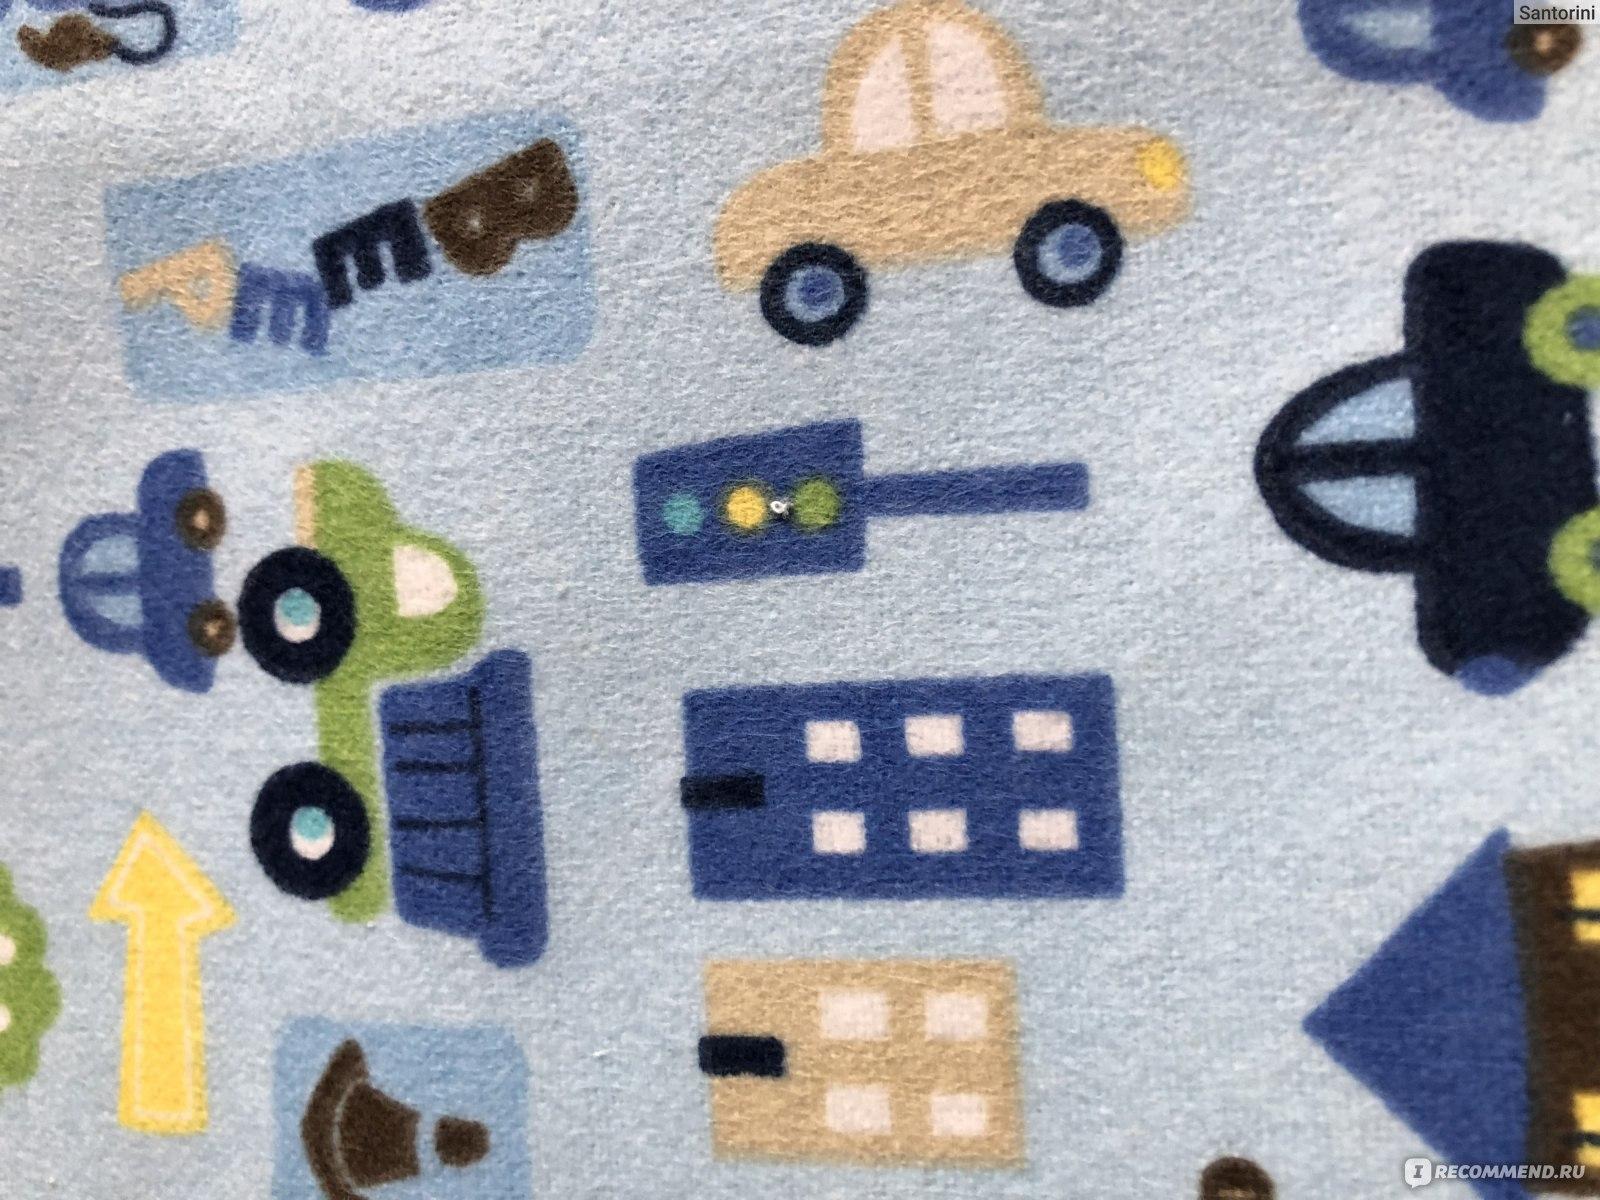 Постельное белье Антипамперс Непромокаемая двусторонняя пеленка фото 0b81fb914da